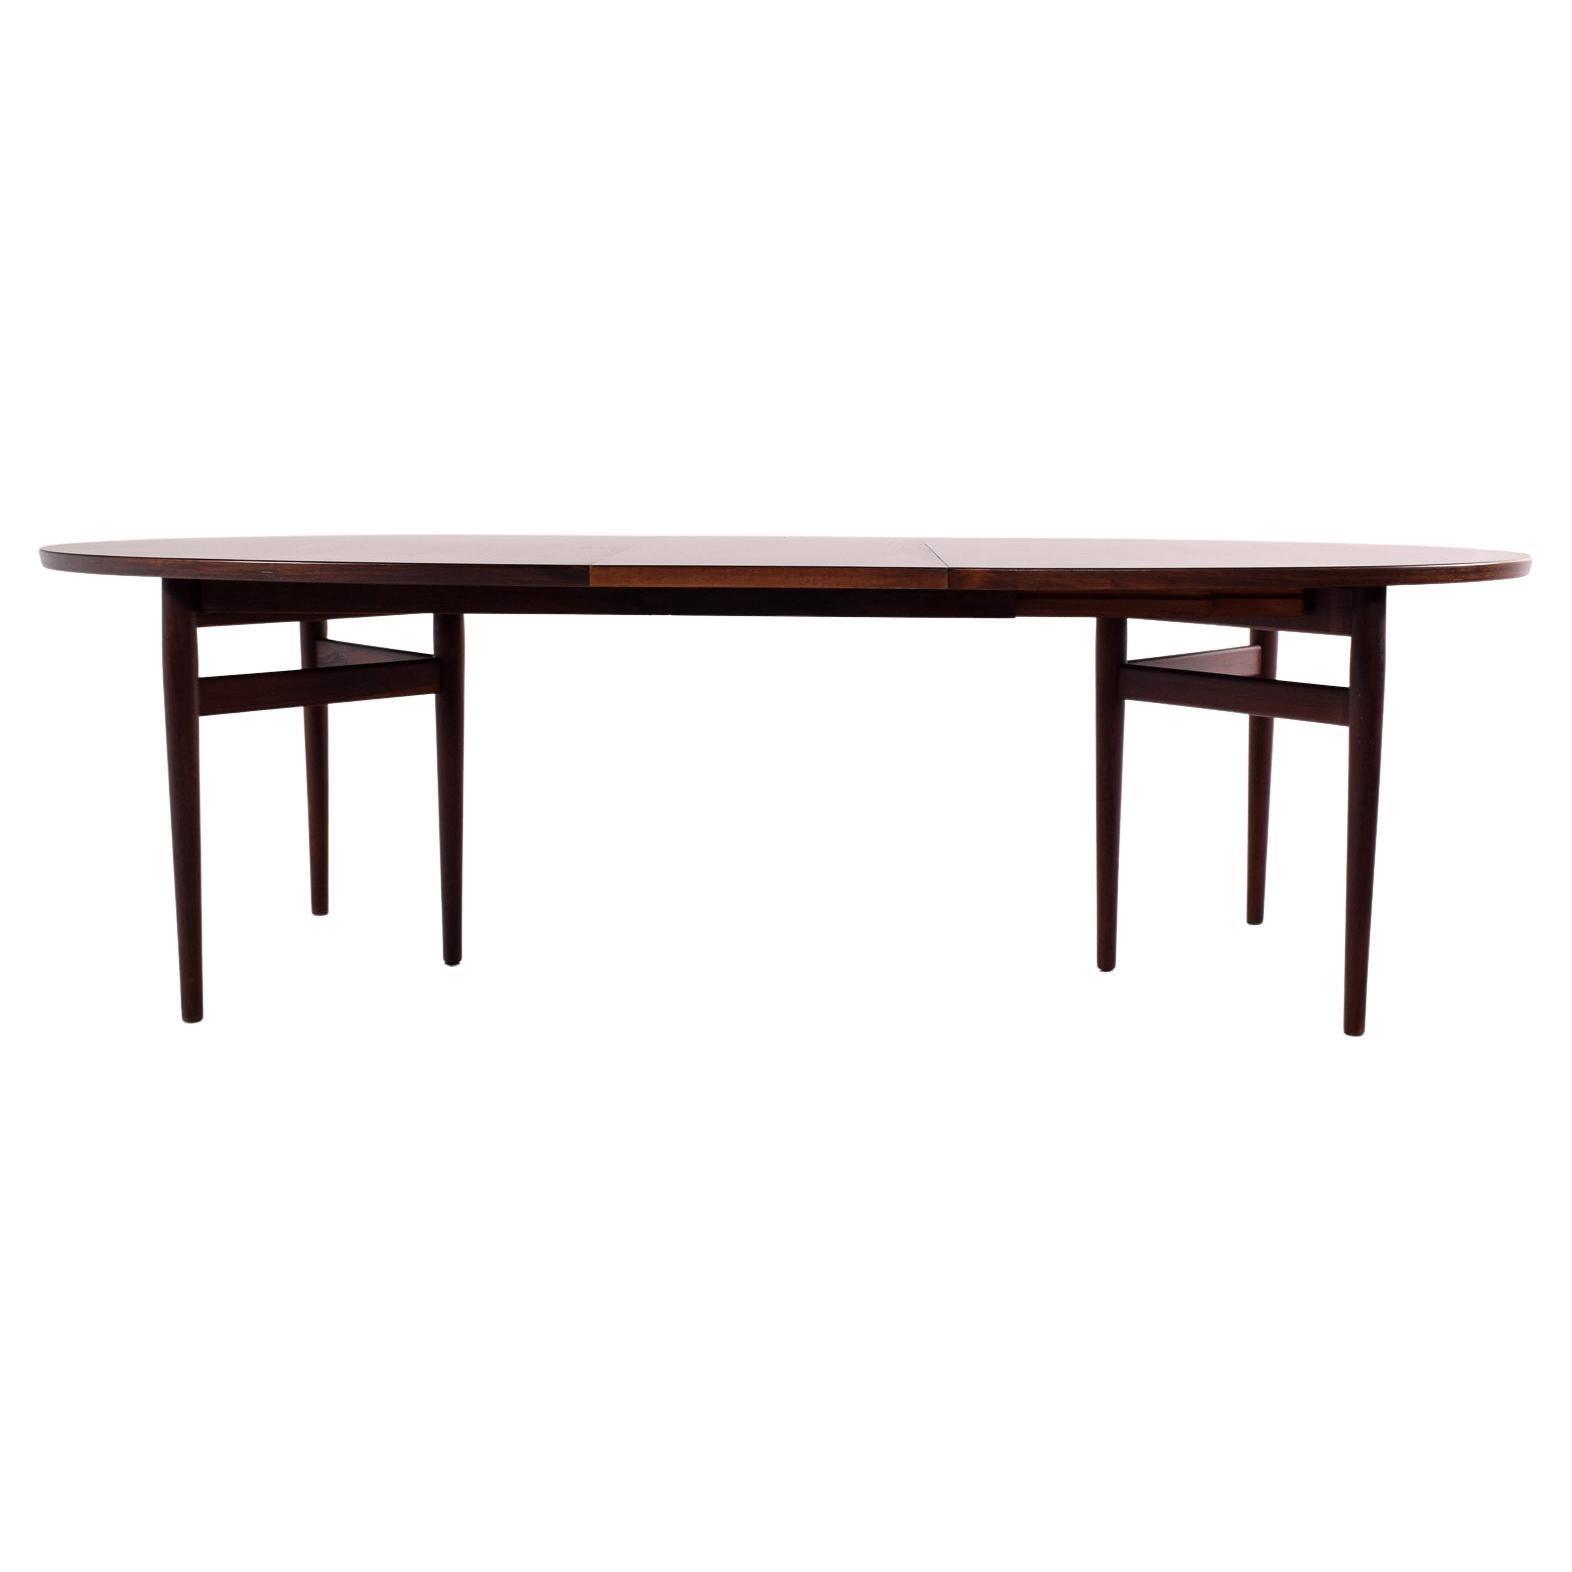 Arne Vodder Rosewood Oval Dining Table, Model 212 for Sibast